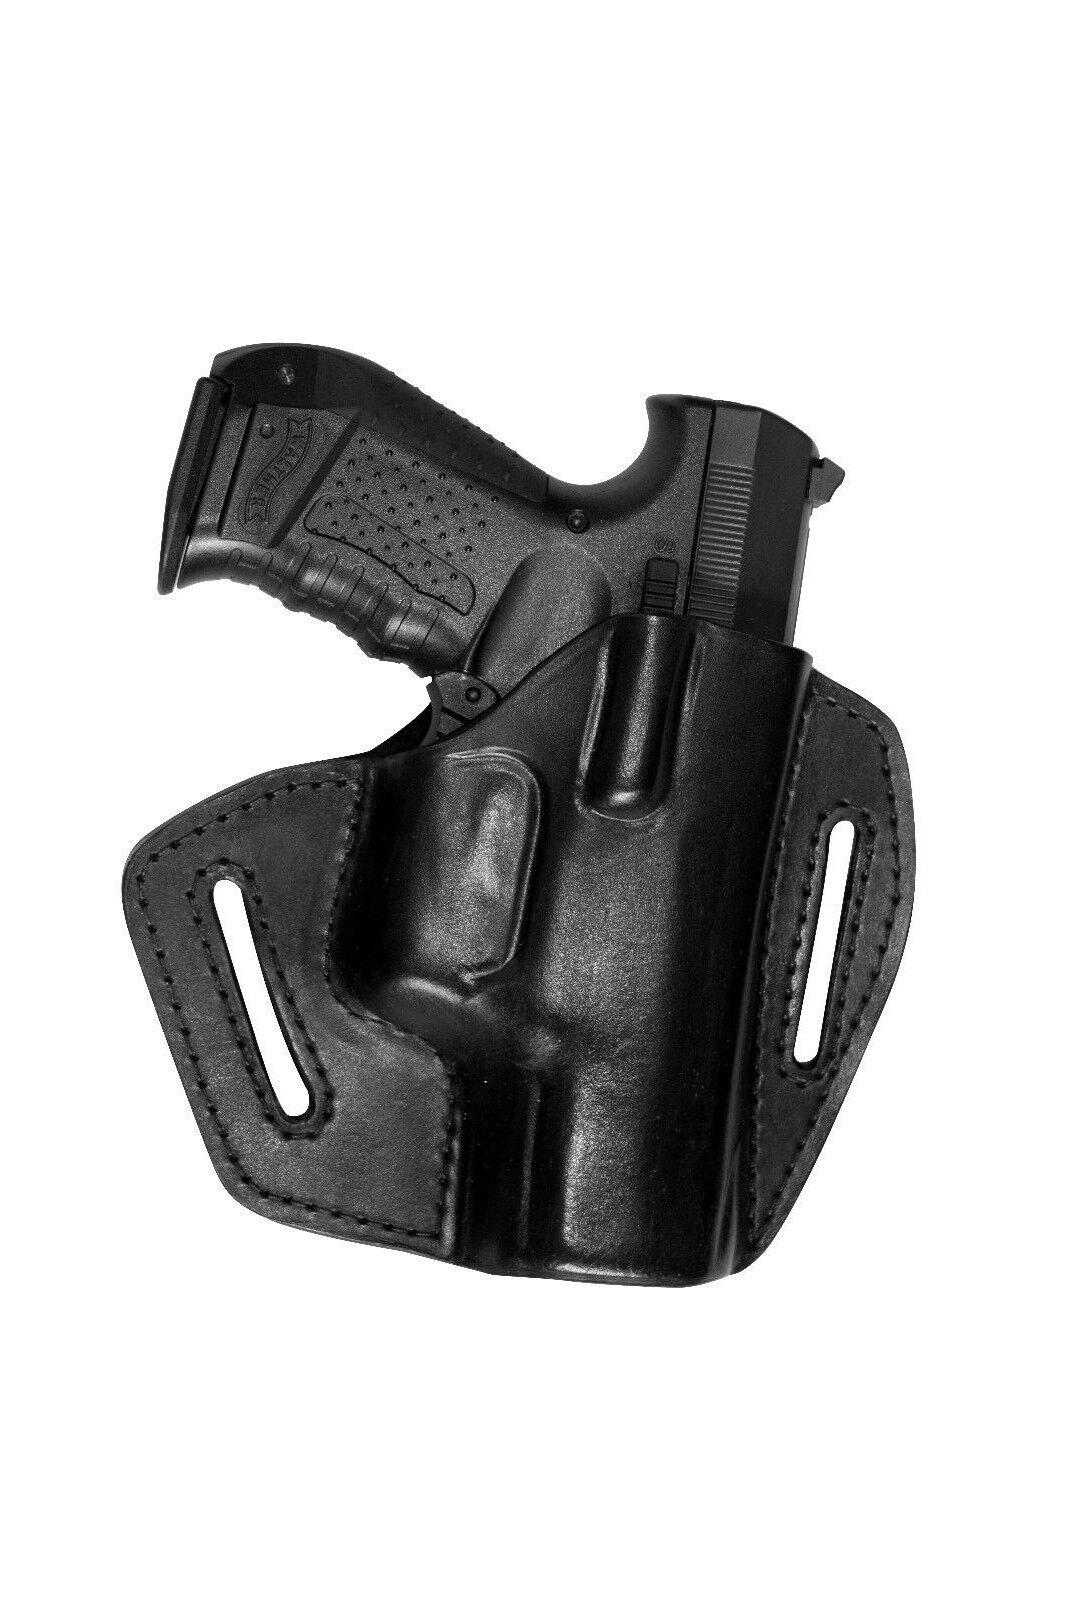 UX Leder Pistolen Holster Gürtel für Sig Sauer P225 P226 P226 P226 P229 P6 P10 1911 P239 c9e737